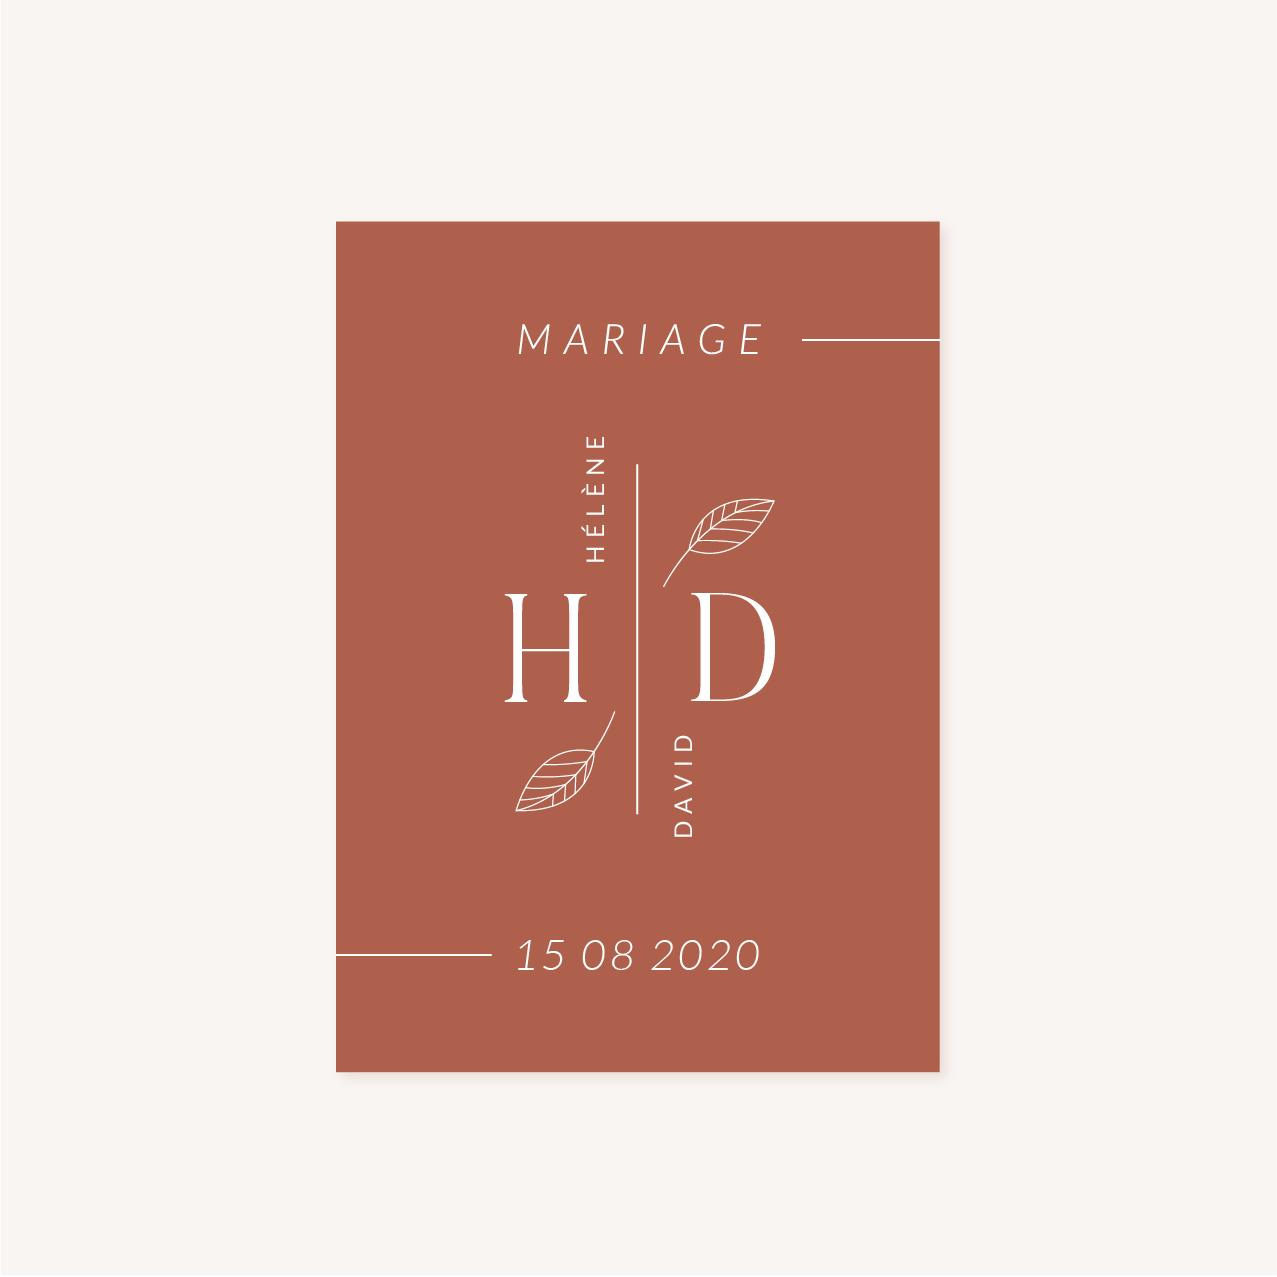 Livret de cérémonie mariage Terracotta brique blush